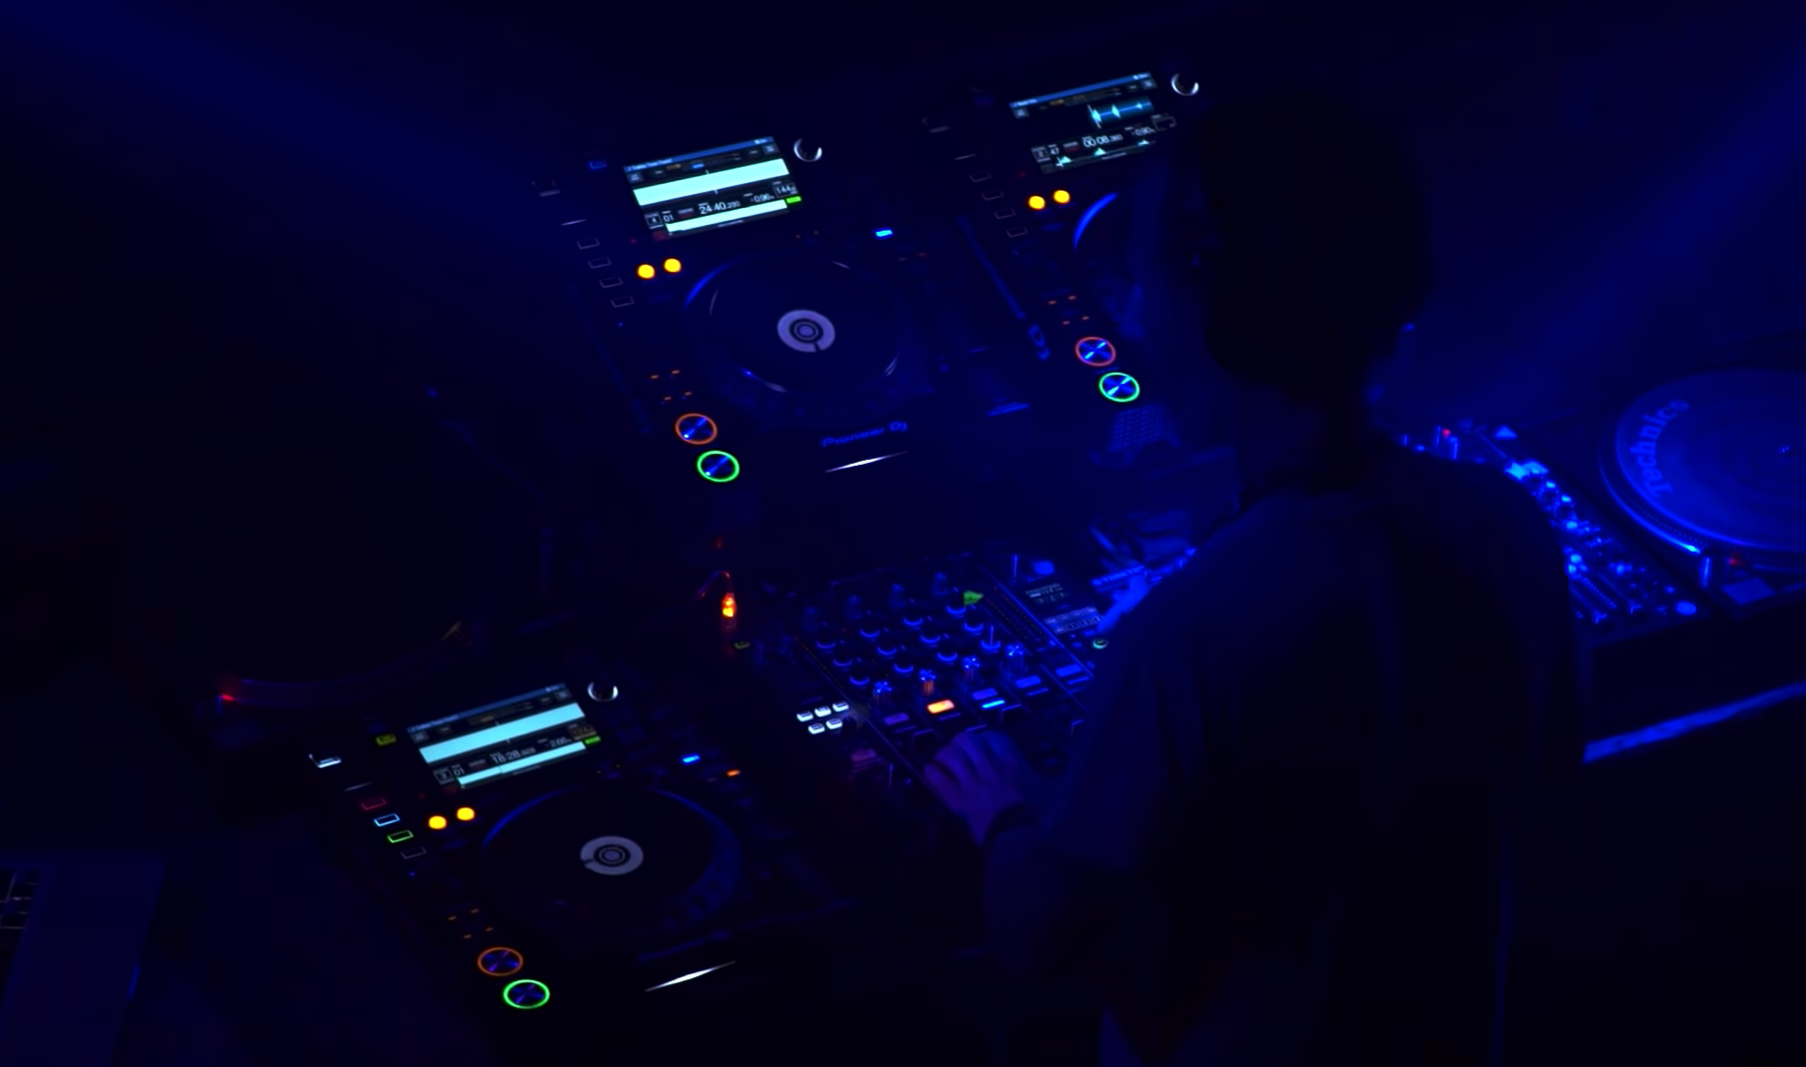 Videotipp: Wie Technologie das DJing verändert hat